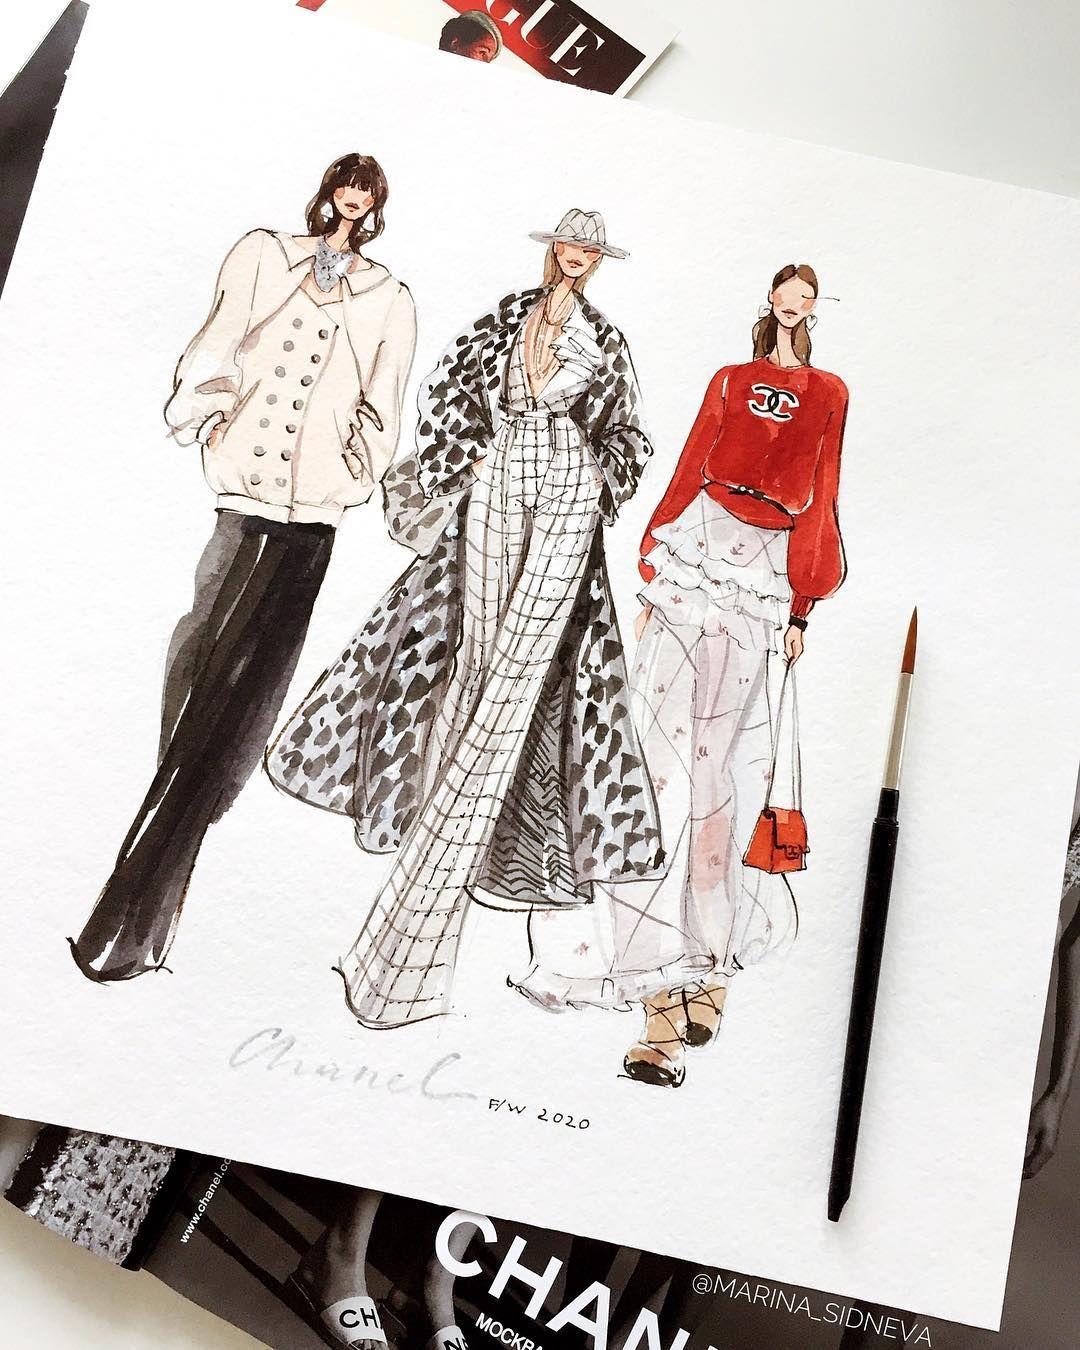 Chanel Marinasidneva Art Marinasidneva Art Artist Illustration Illustrat Illustration Fashion Design Fashion Design Sketches Fashion Art Illustration